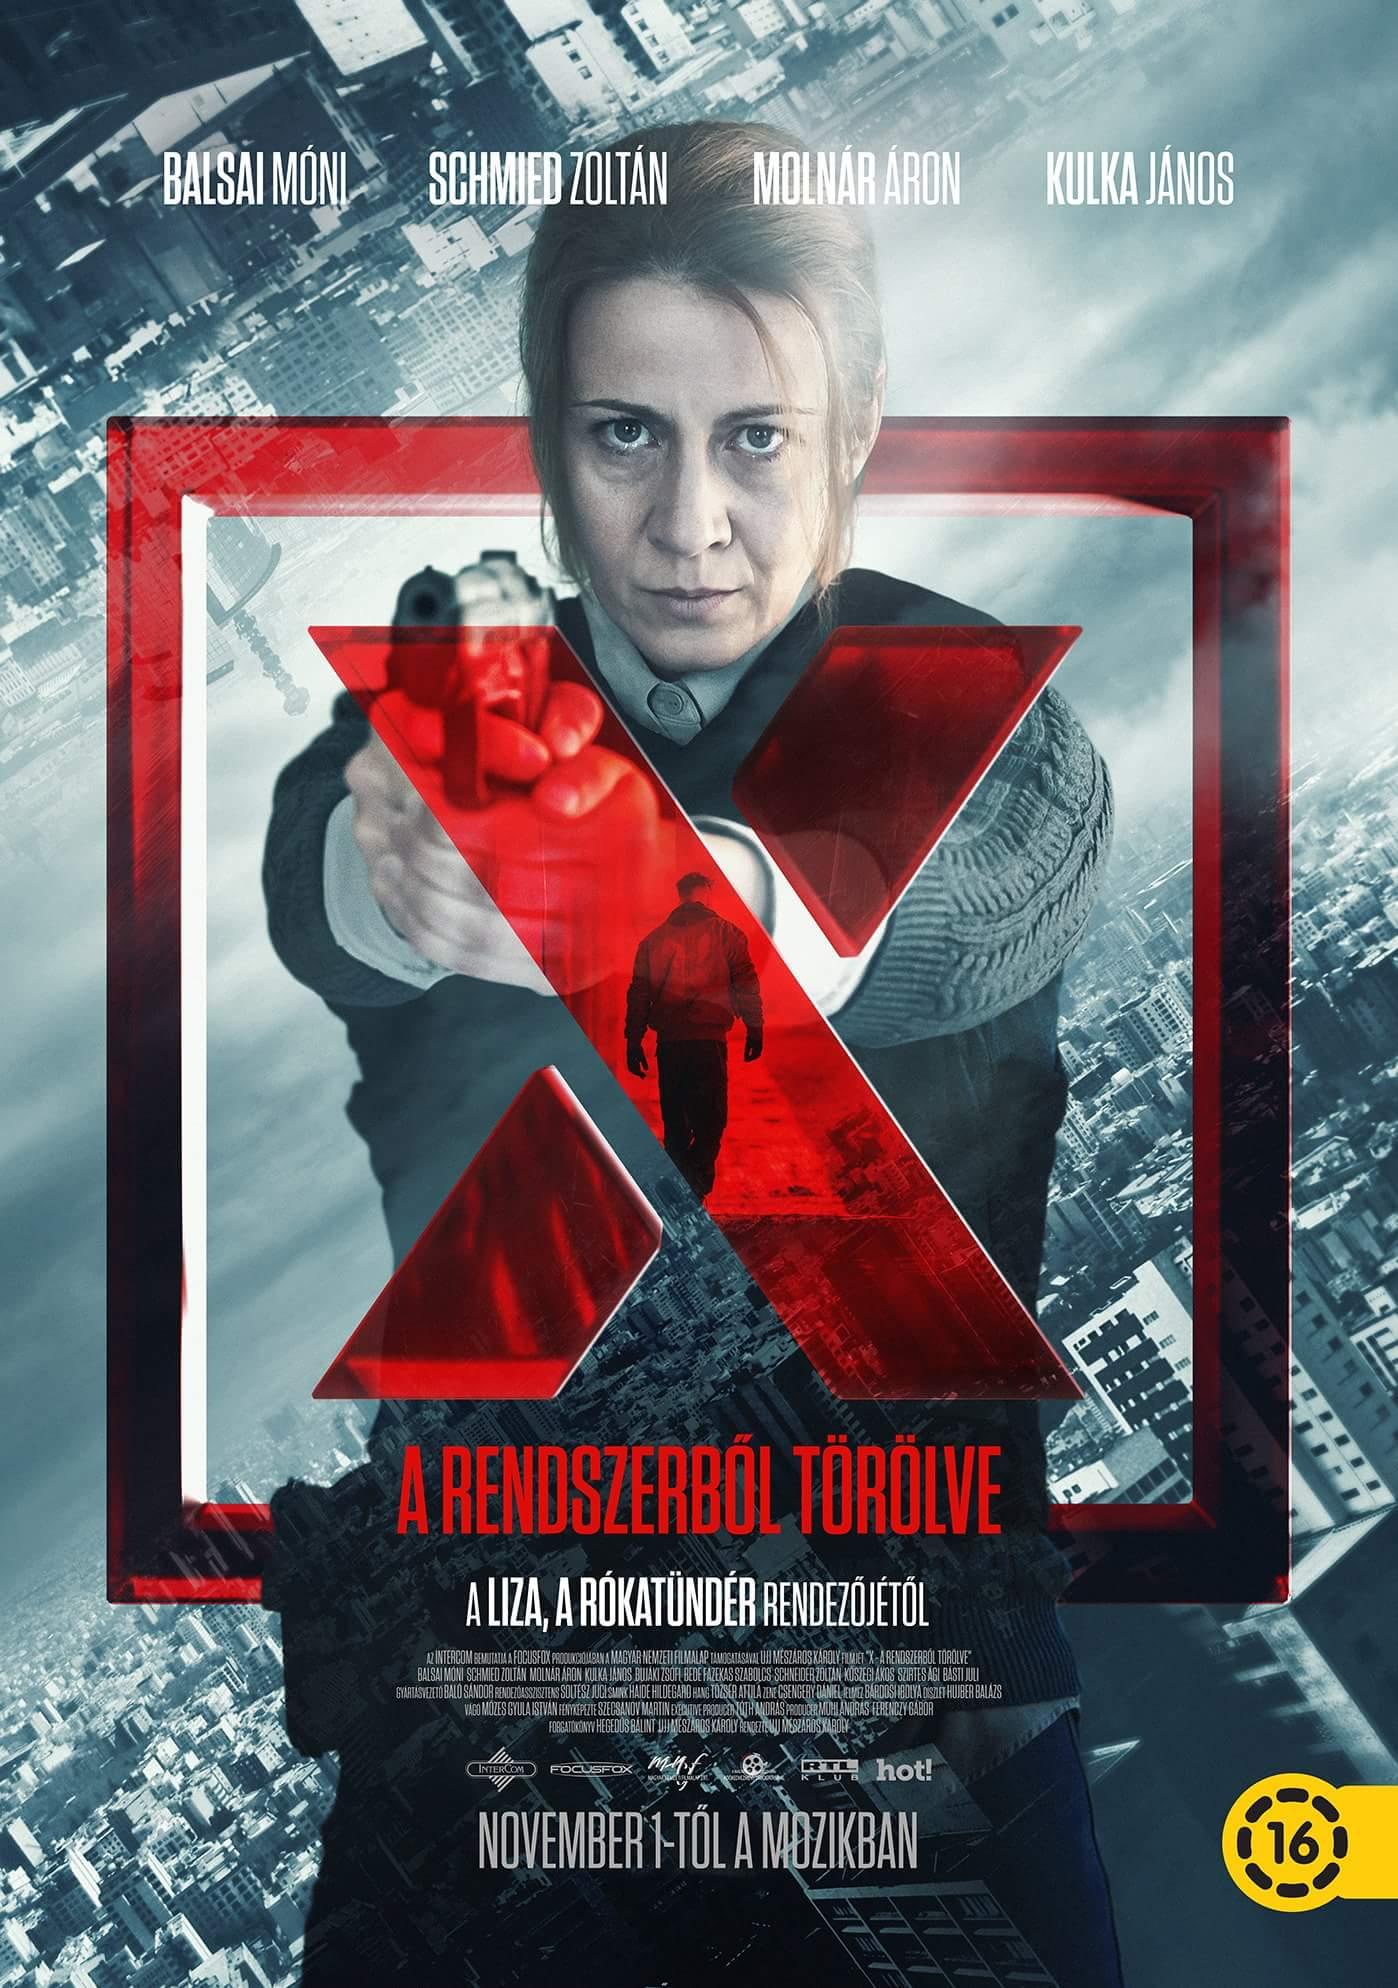 X - The eXploited kapak